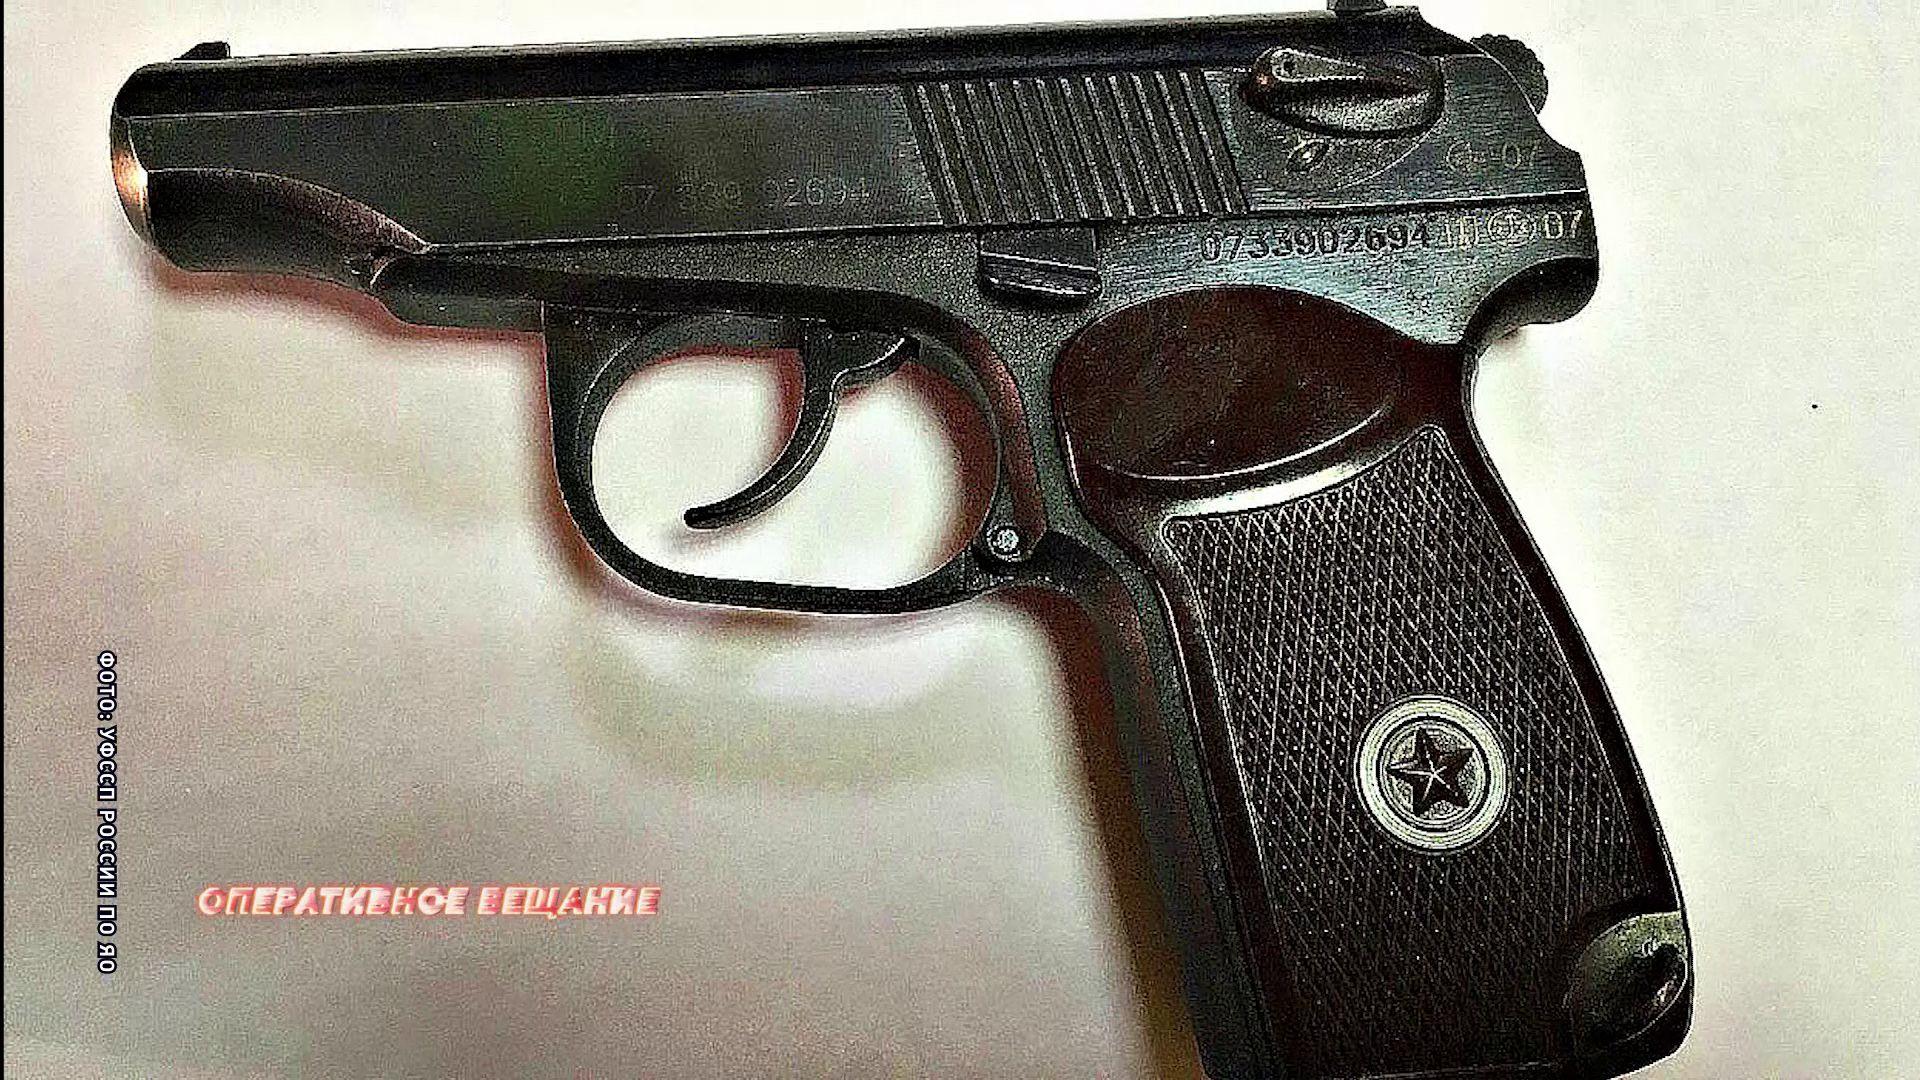 Мужчина явился на слушания об истязаниях в ярославской колонии с пистолетом